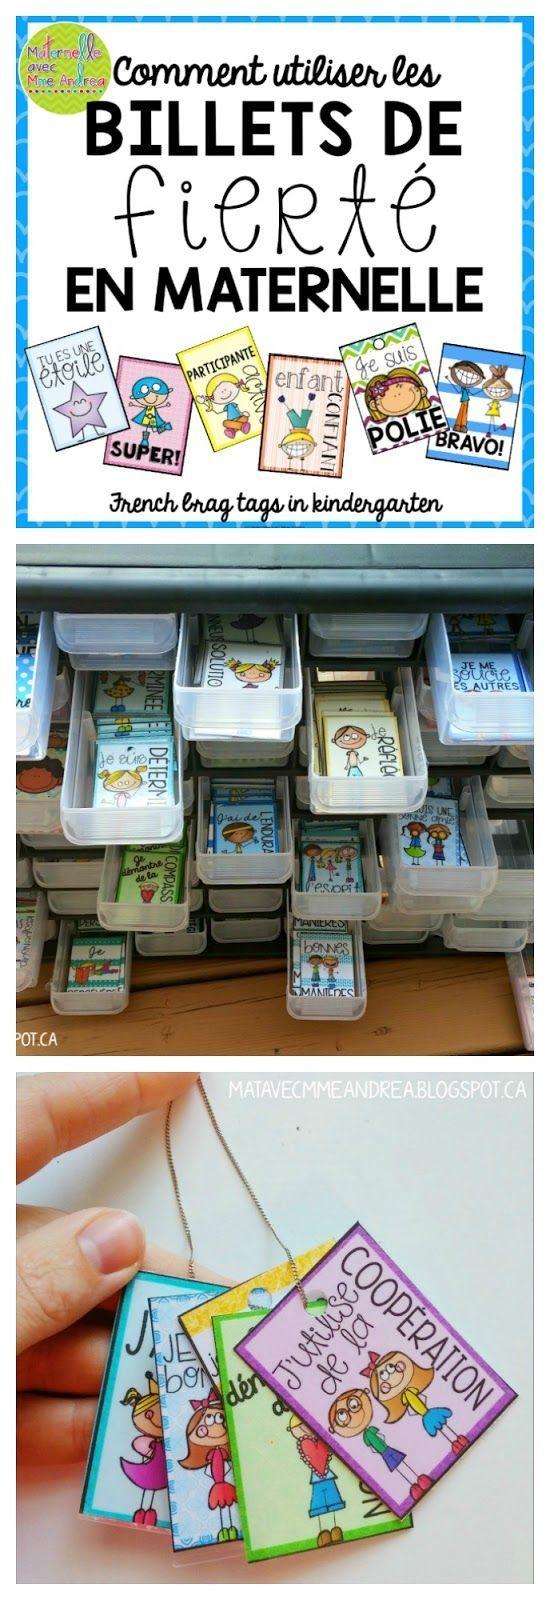 Maternelle avec Mme Andrea: Comment utiliser les «billets de fierté » en maternelle (French brag tags in kindergarten)